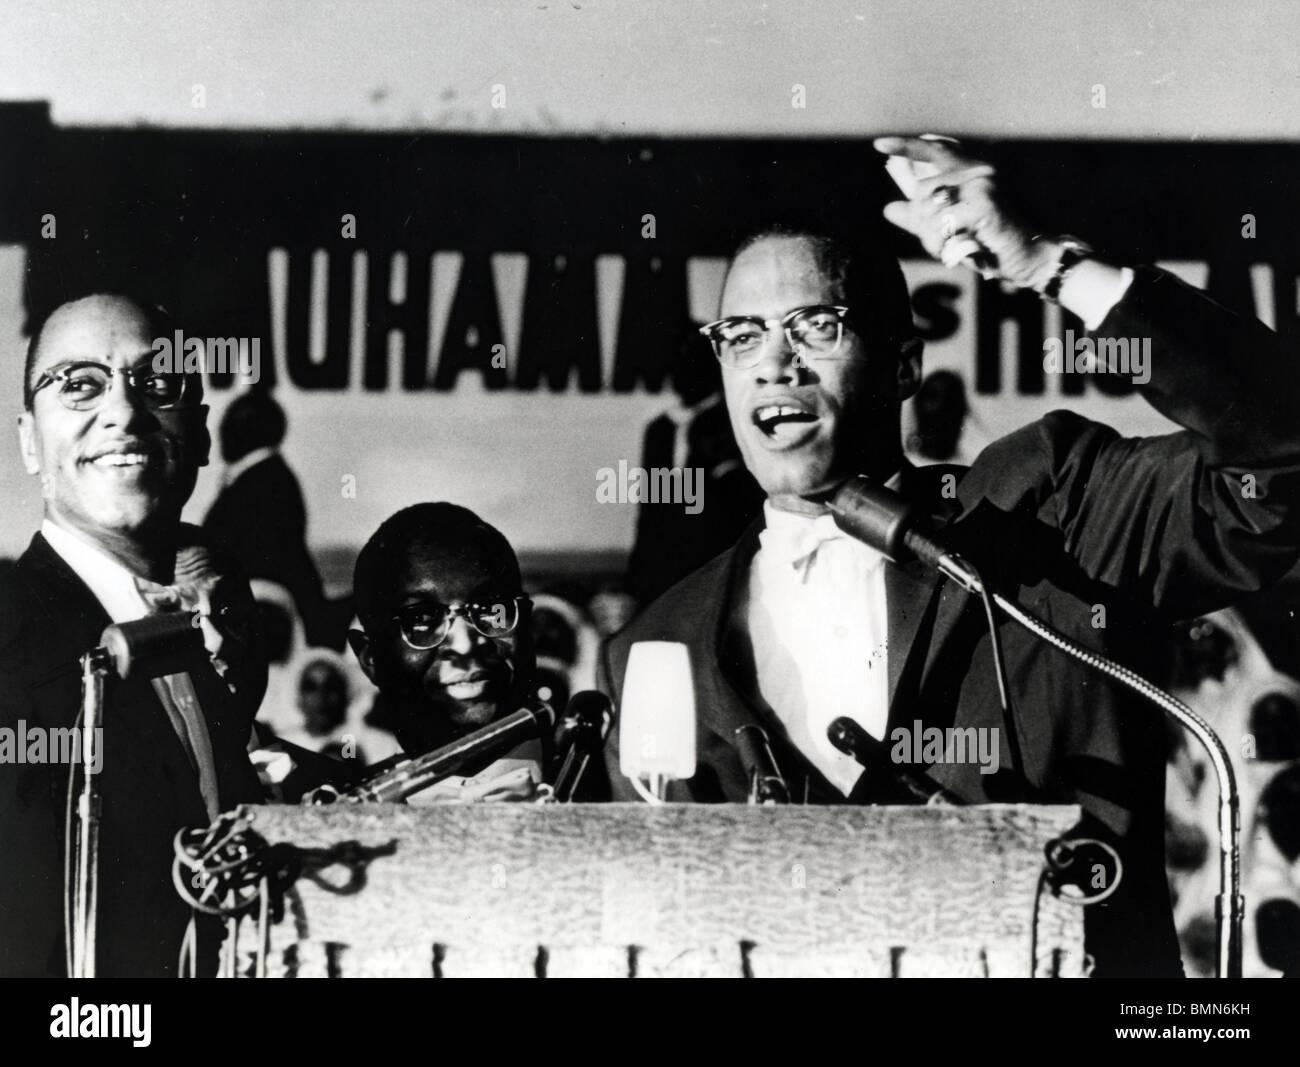 MALCOLM X (1925-1965) Ministro afroamericano y activista de los derechos humanos, como jefe de la autodenominada Imagen De Stock